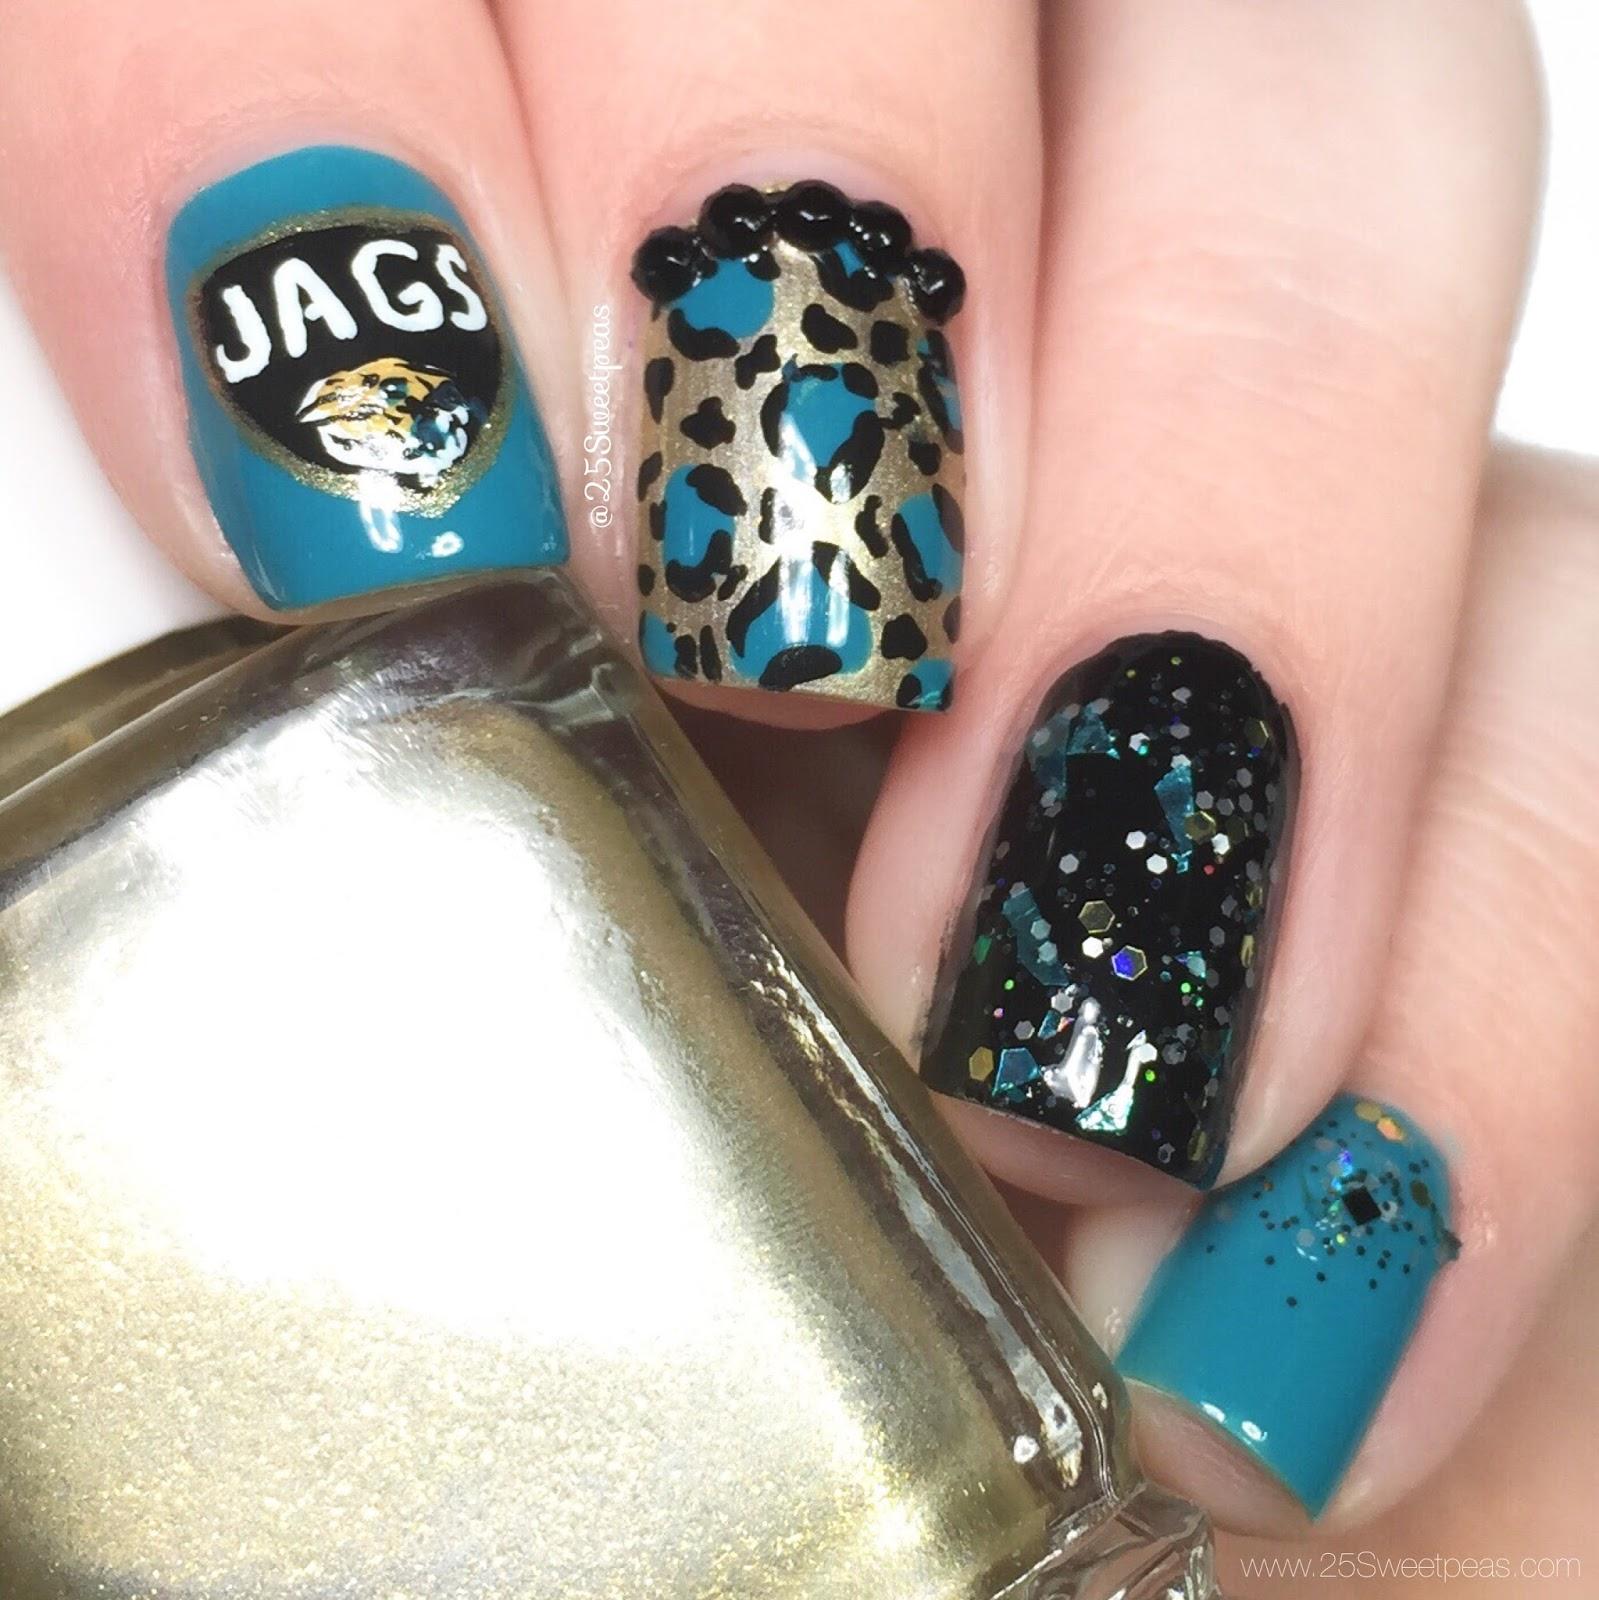 Jacksonville Jaguar Nail Art